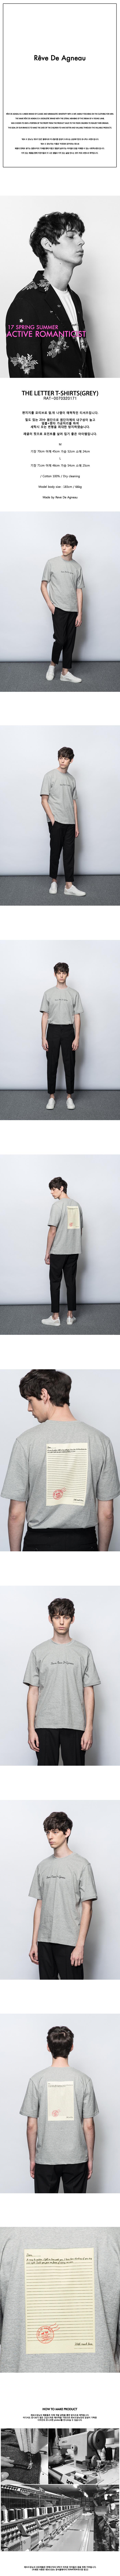 레브드앙뉴(REVE DE AGNEAU) 더 레터 티셔츠(그레이)